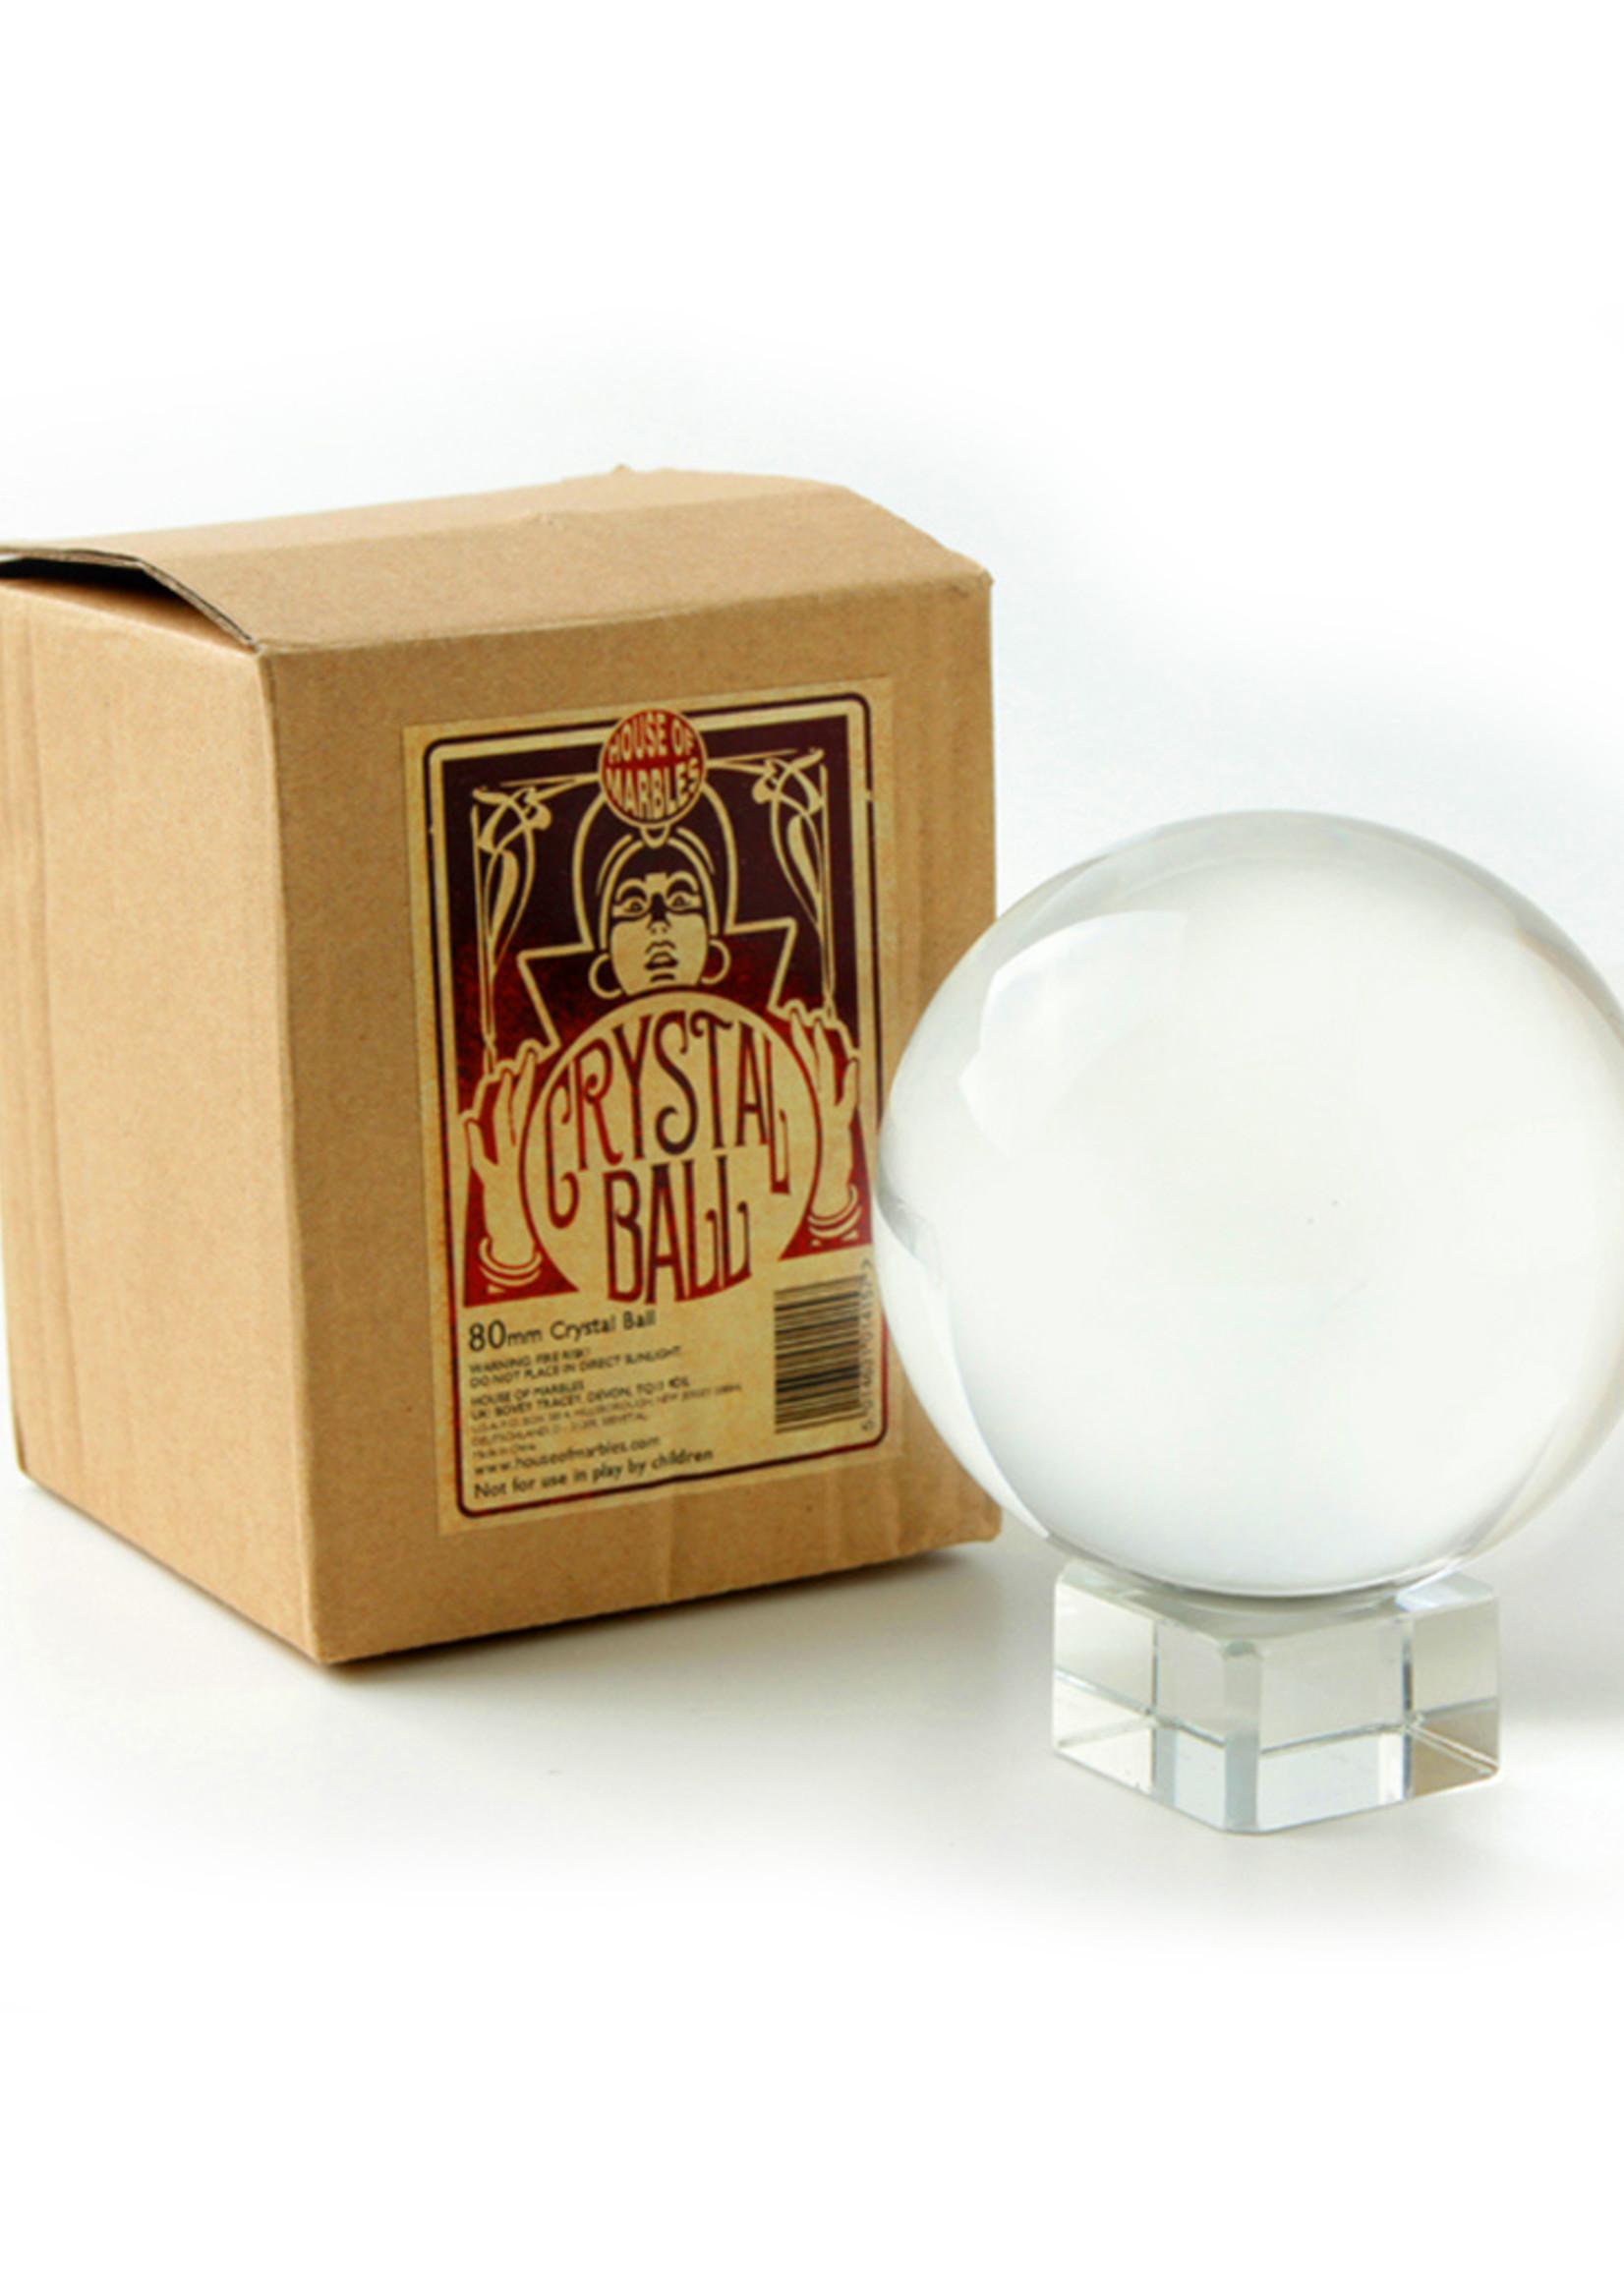 Crystal Ball, 80mm